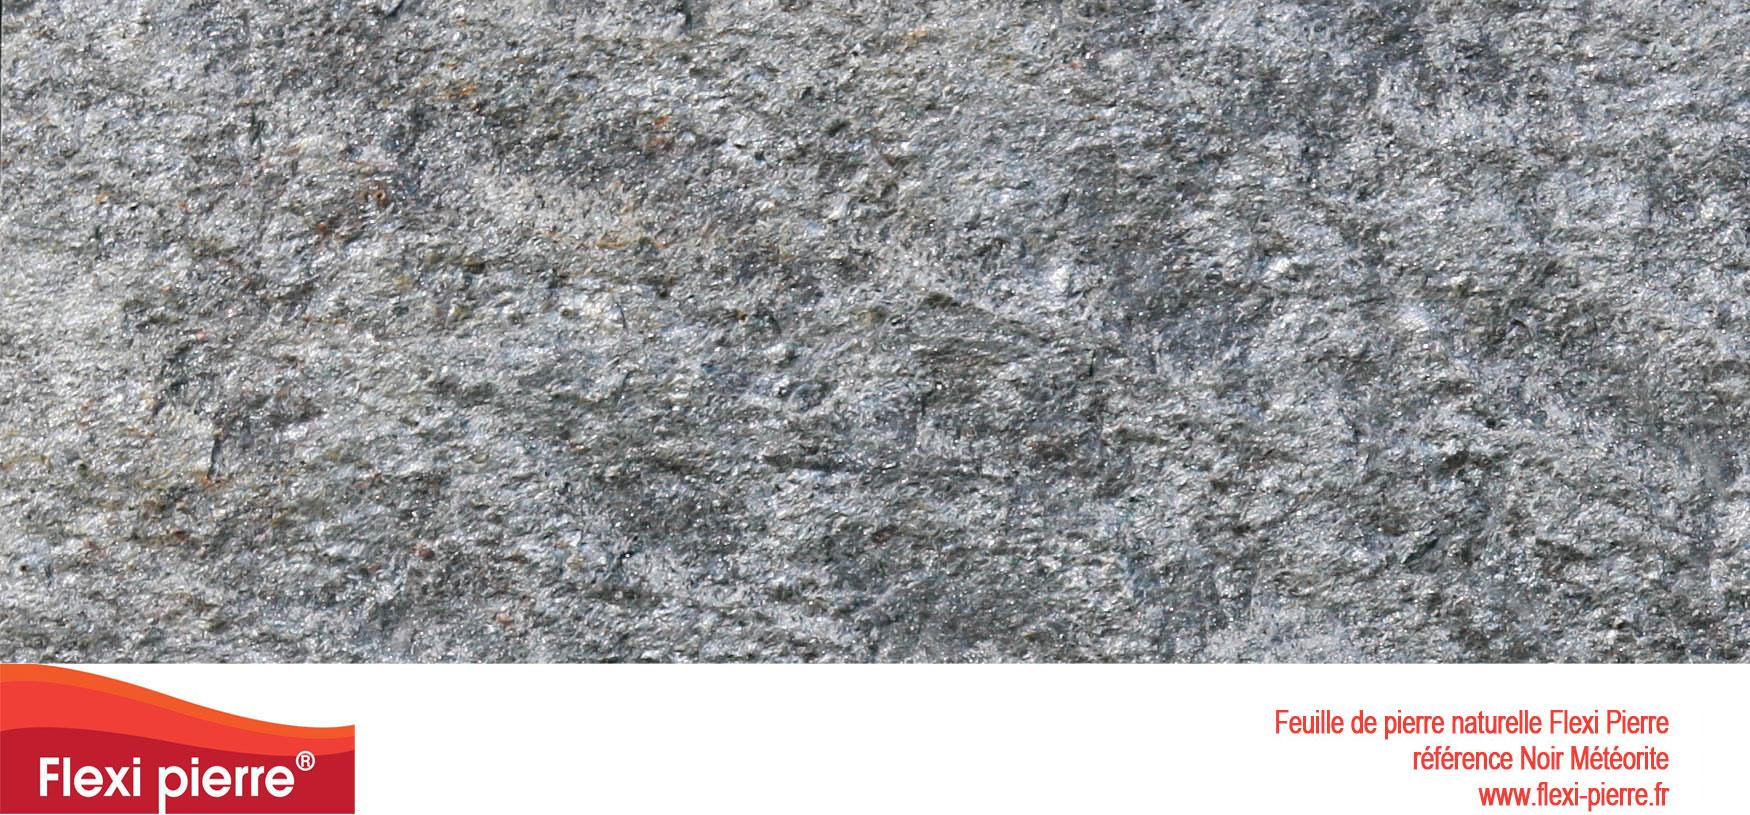 Feuille de pierre Flexi-Pierre, référence Noir Météorite. Cliquez pour agrandir.